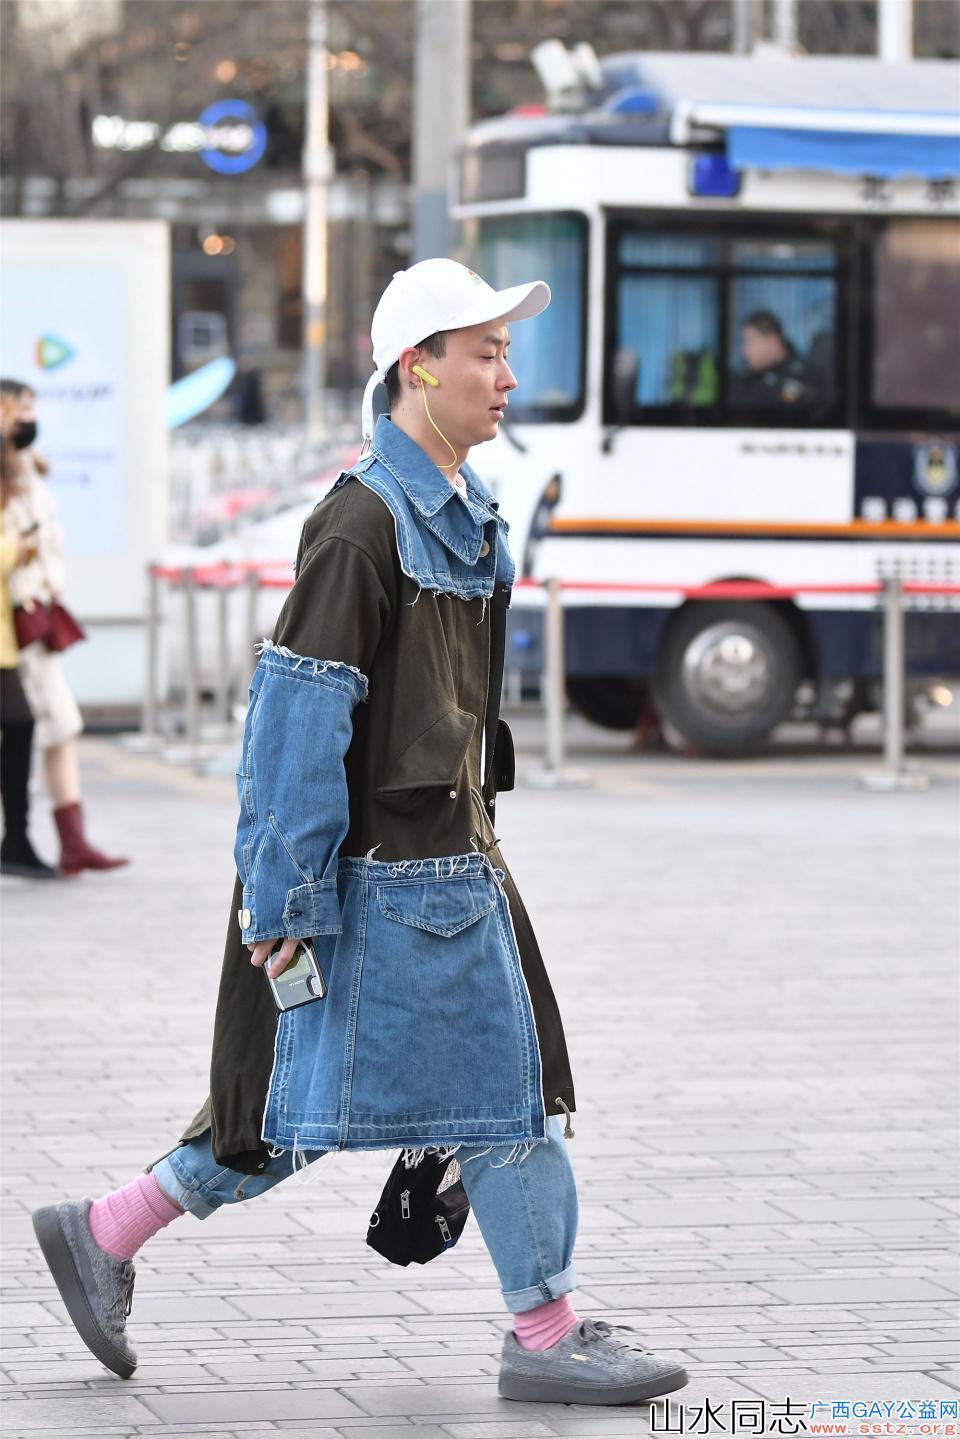 春天的男士应该怎么穿,看一下时尚街区的小哥哥是如何穿搭的